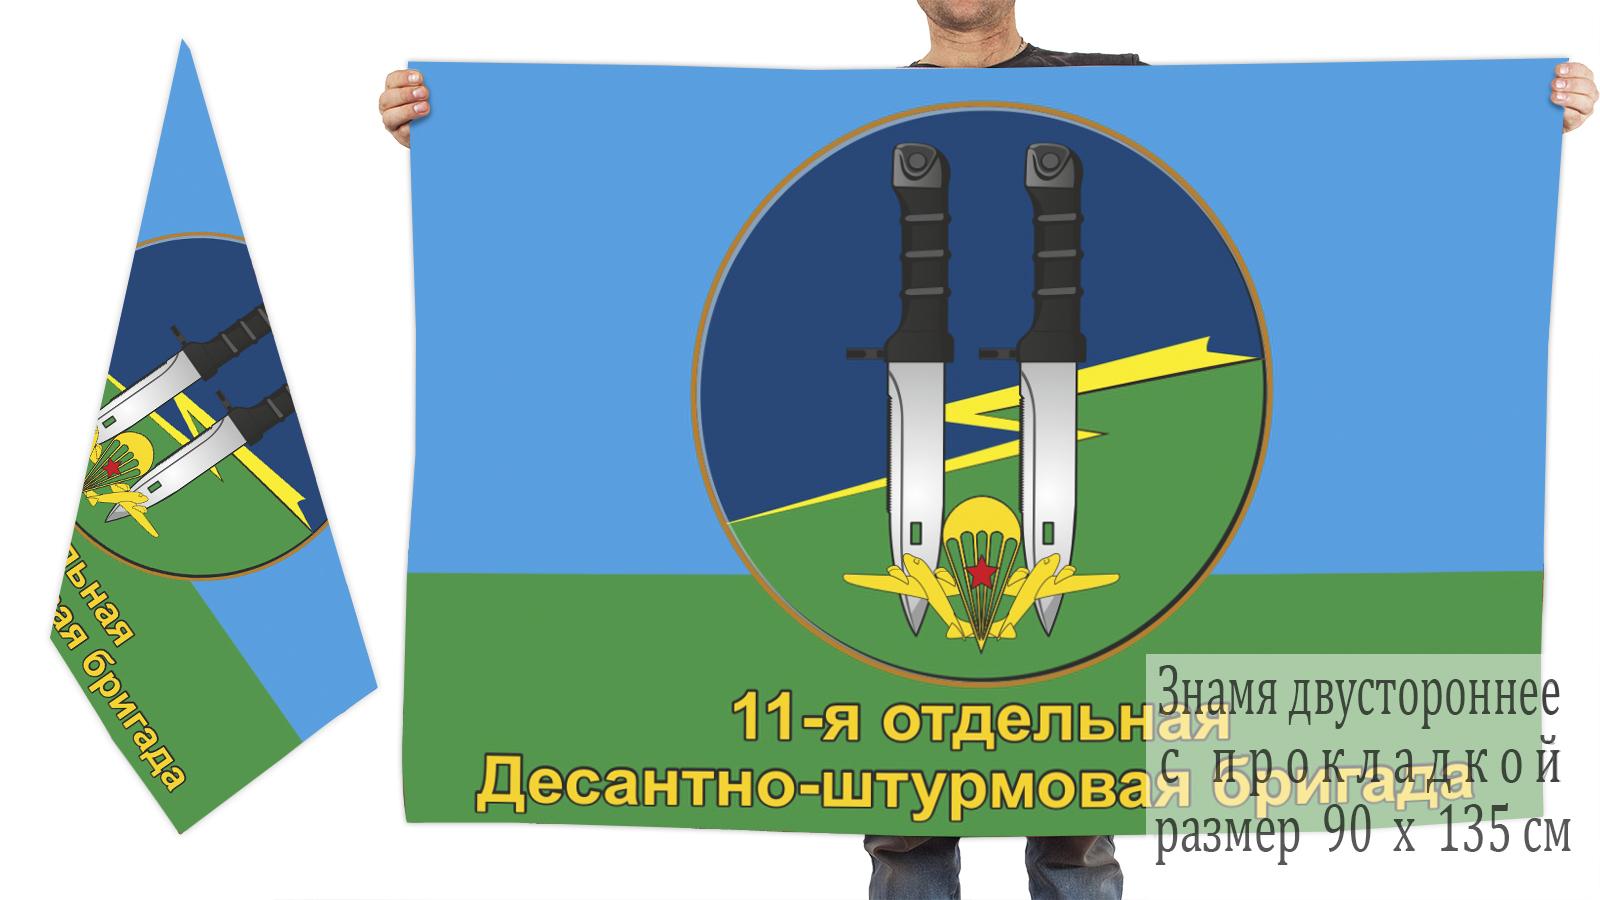 Двусторонний флаг 11 отдельной десантно-штурмовой бригады ВДВ